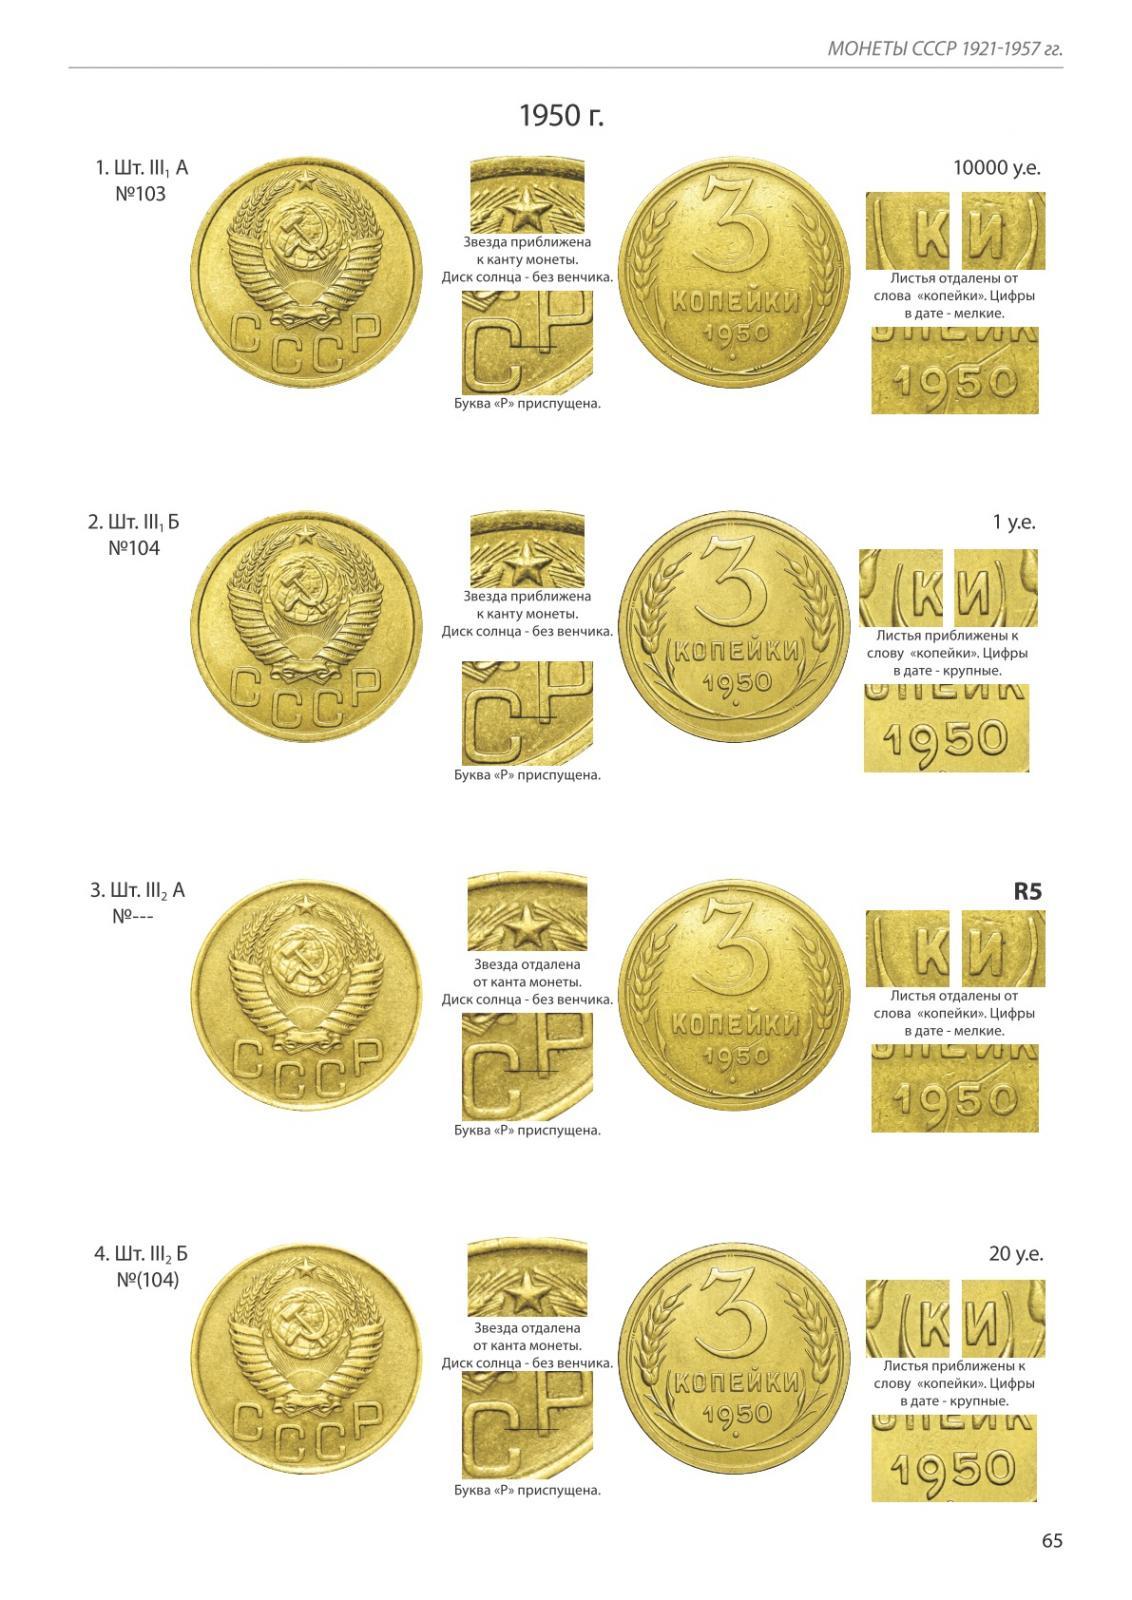 Тилижинский каталог монет скачать купить 5 гривен 2003г великдень украина